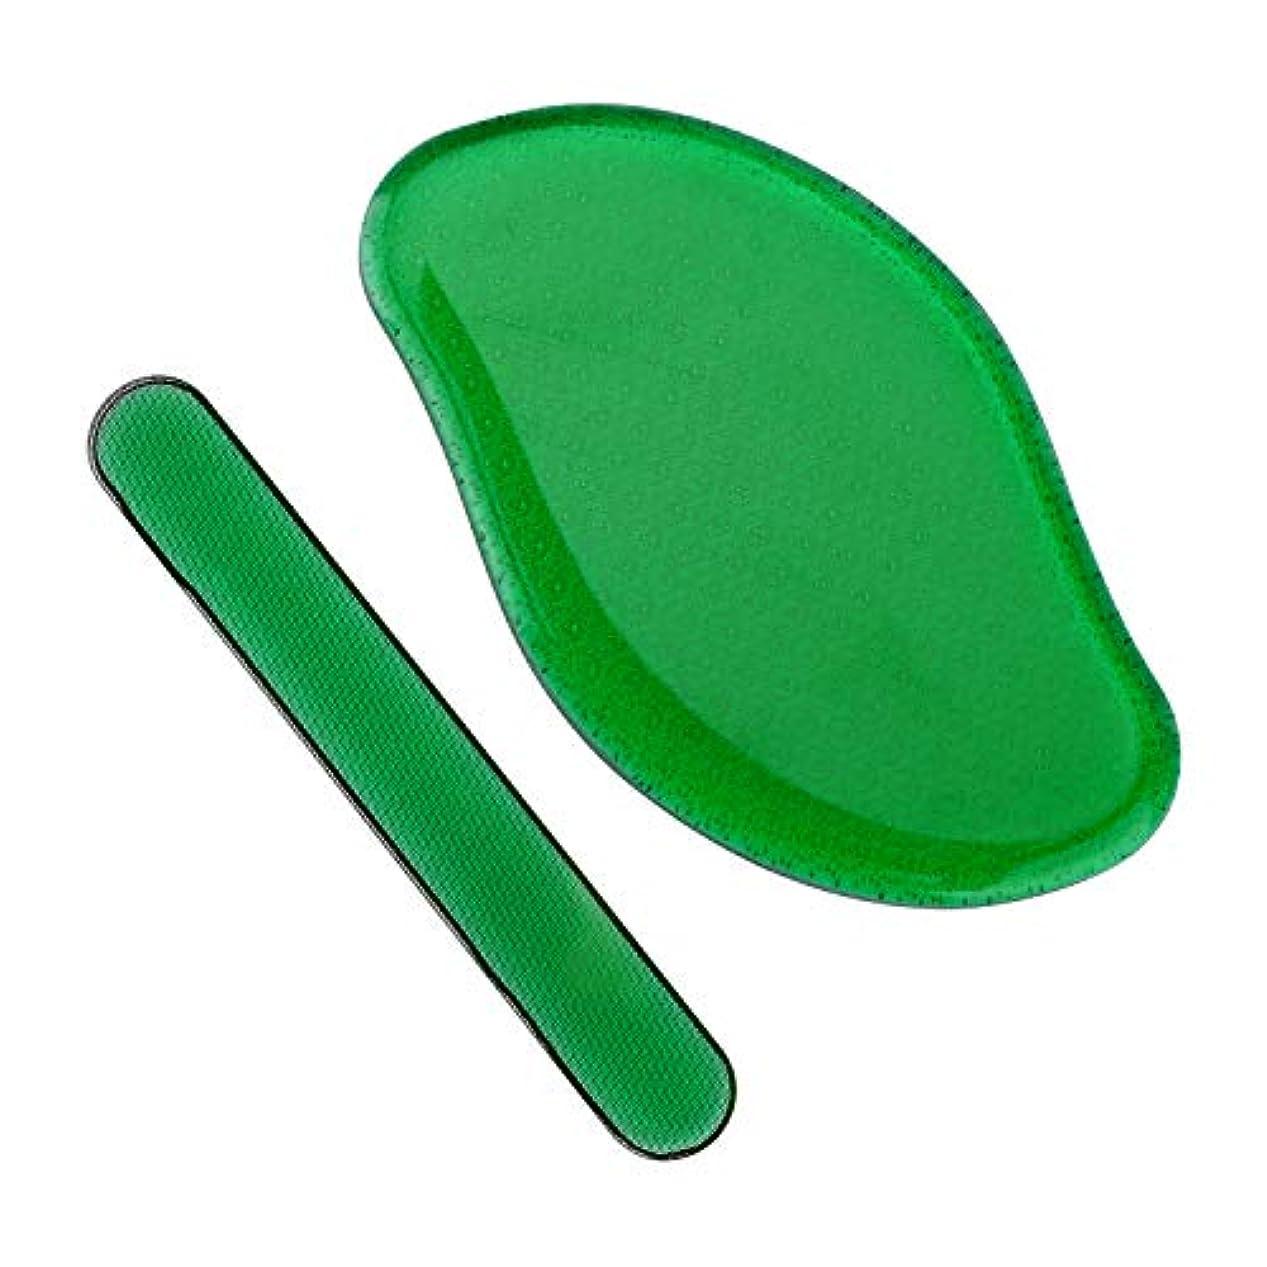 ポスター電化する処方するShinenail ガラス製 かかと 角質取り かかと削り ガラス 爪磨き付き かかとやすり かかと磨き 角質除去 足 角質ケア ヤスリ 足裏 踵 フットケア 丸洗いOK 爪磨き付き